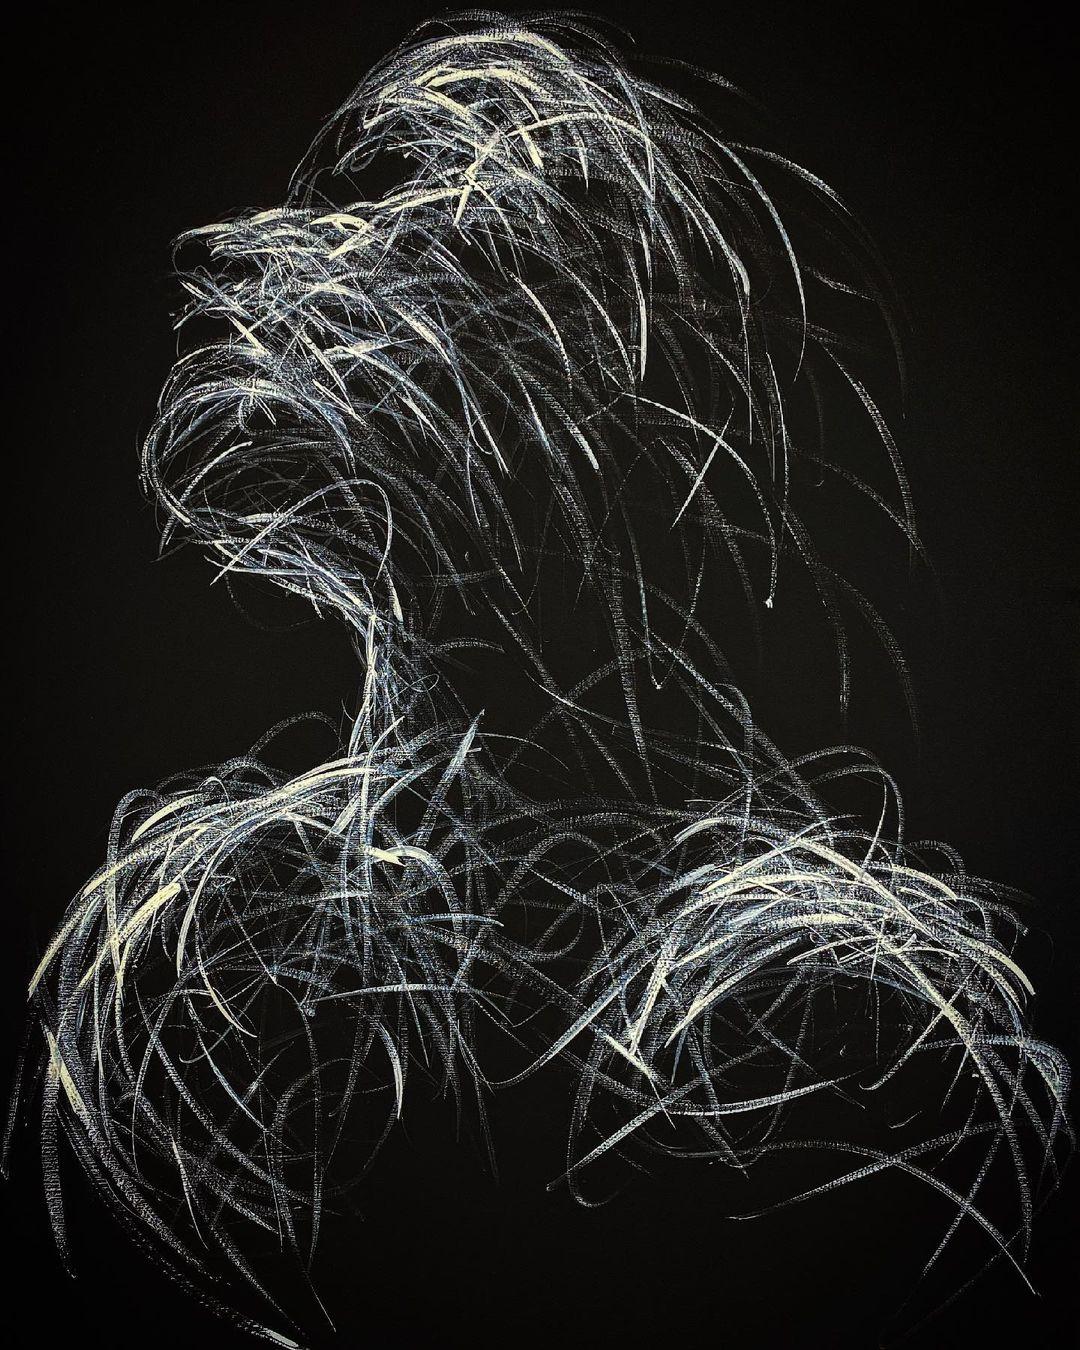 Tác phẩm có nền đen và chất liệu acrylic trắng giản đơn thể hiện ước muốn vươn lên vượt ra khỏi bóng tối của con người (thuộc BST Ligne de Vie (Lifeline)).